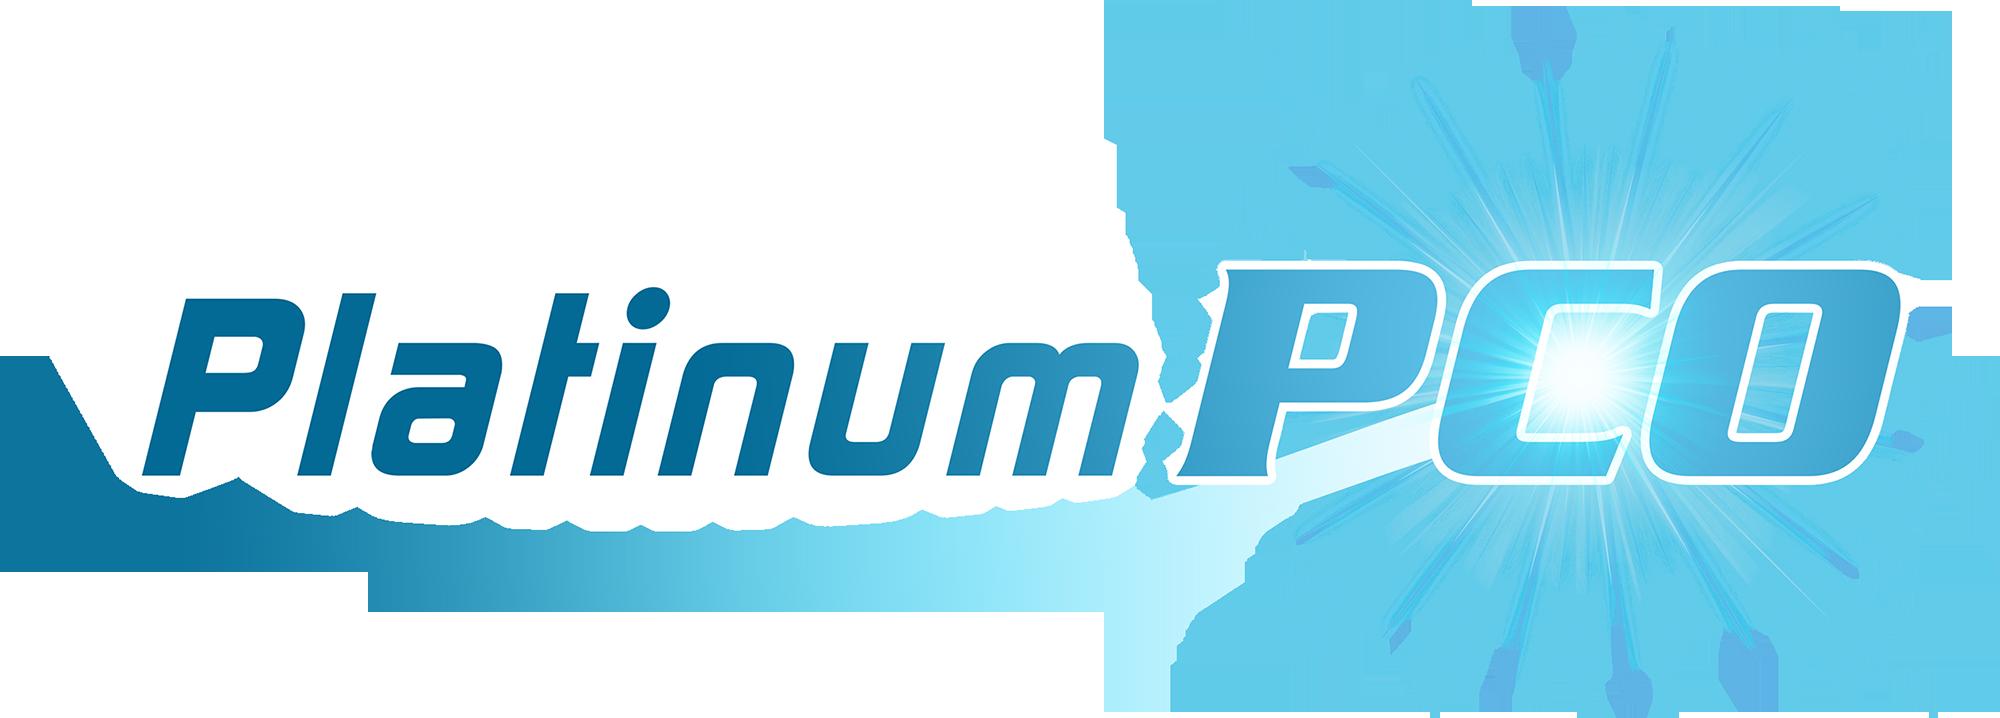 platinum-pco-logo